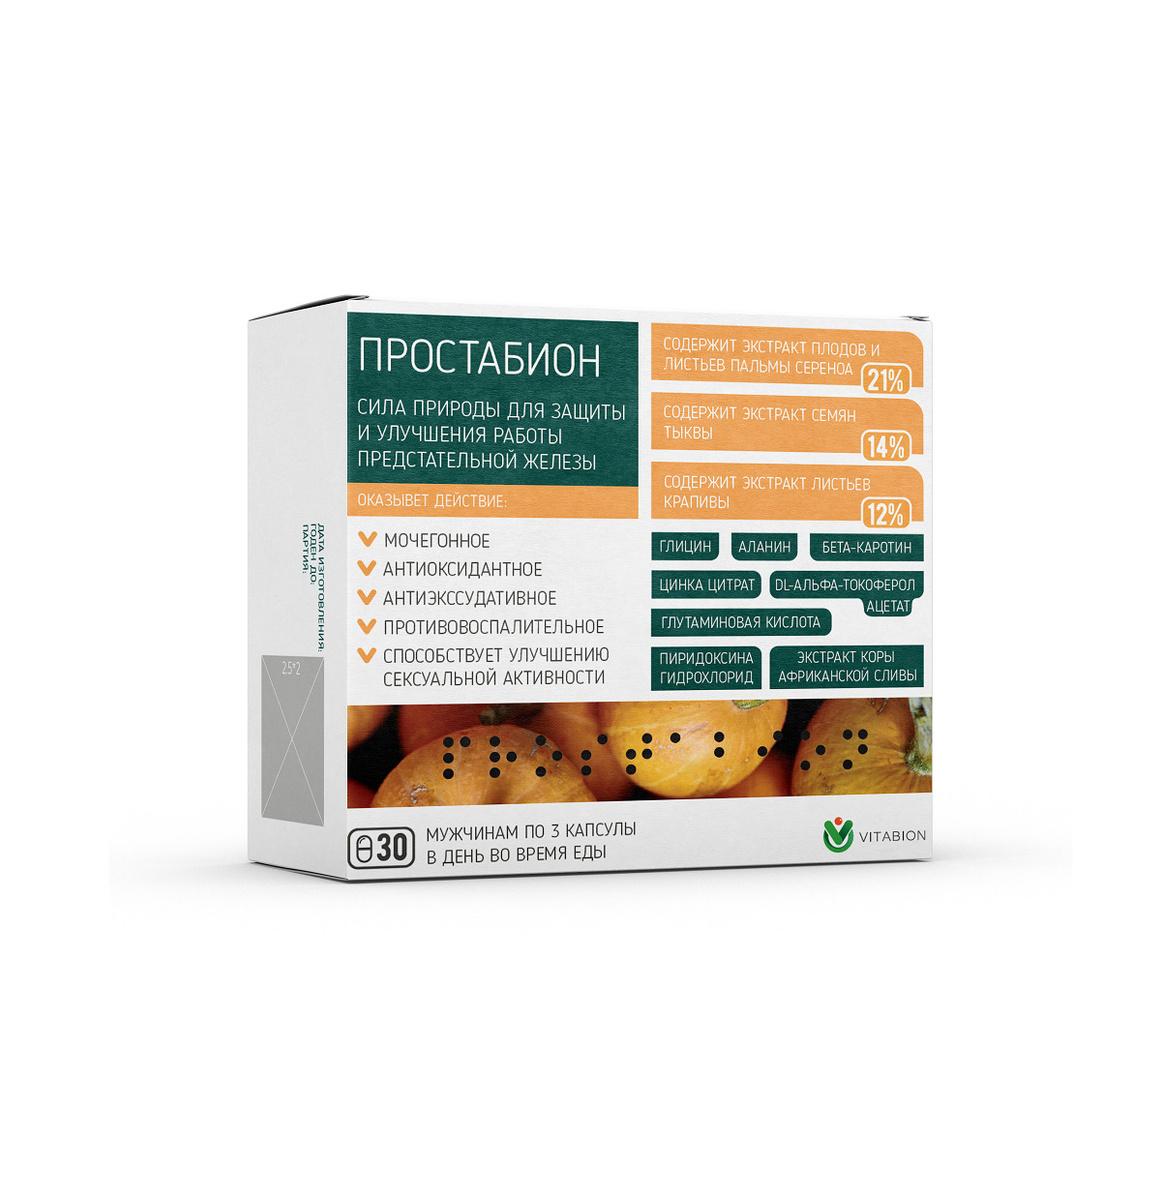 ПростаБион капсулы 400 мг блистер № 30, для профилактики и комплексного лечения простатита  #1